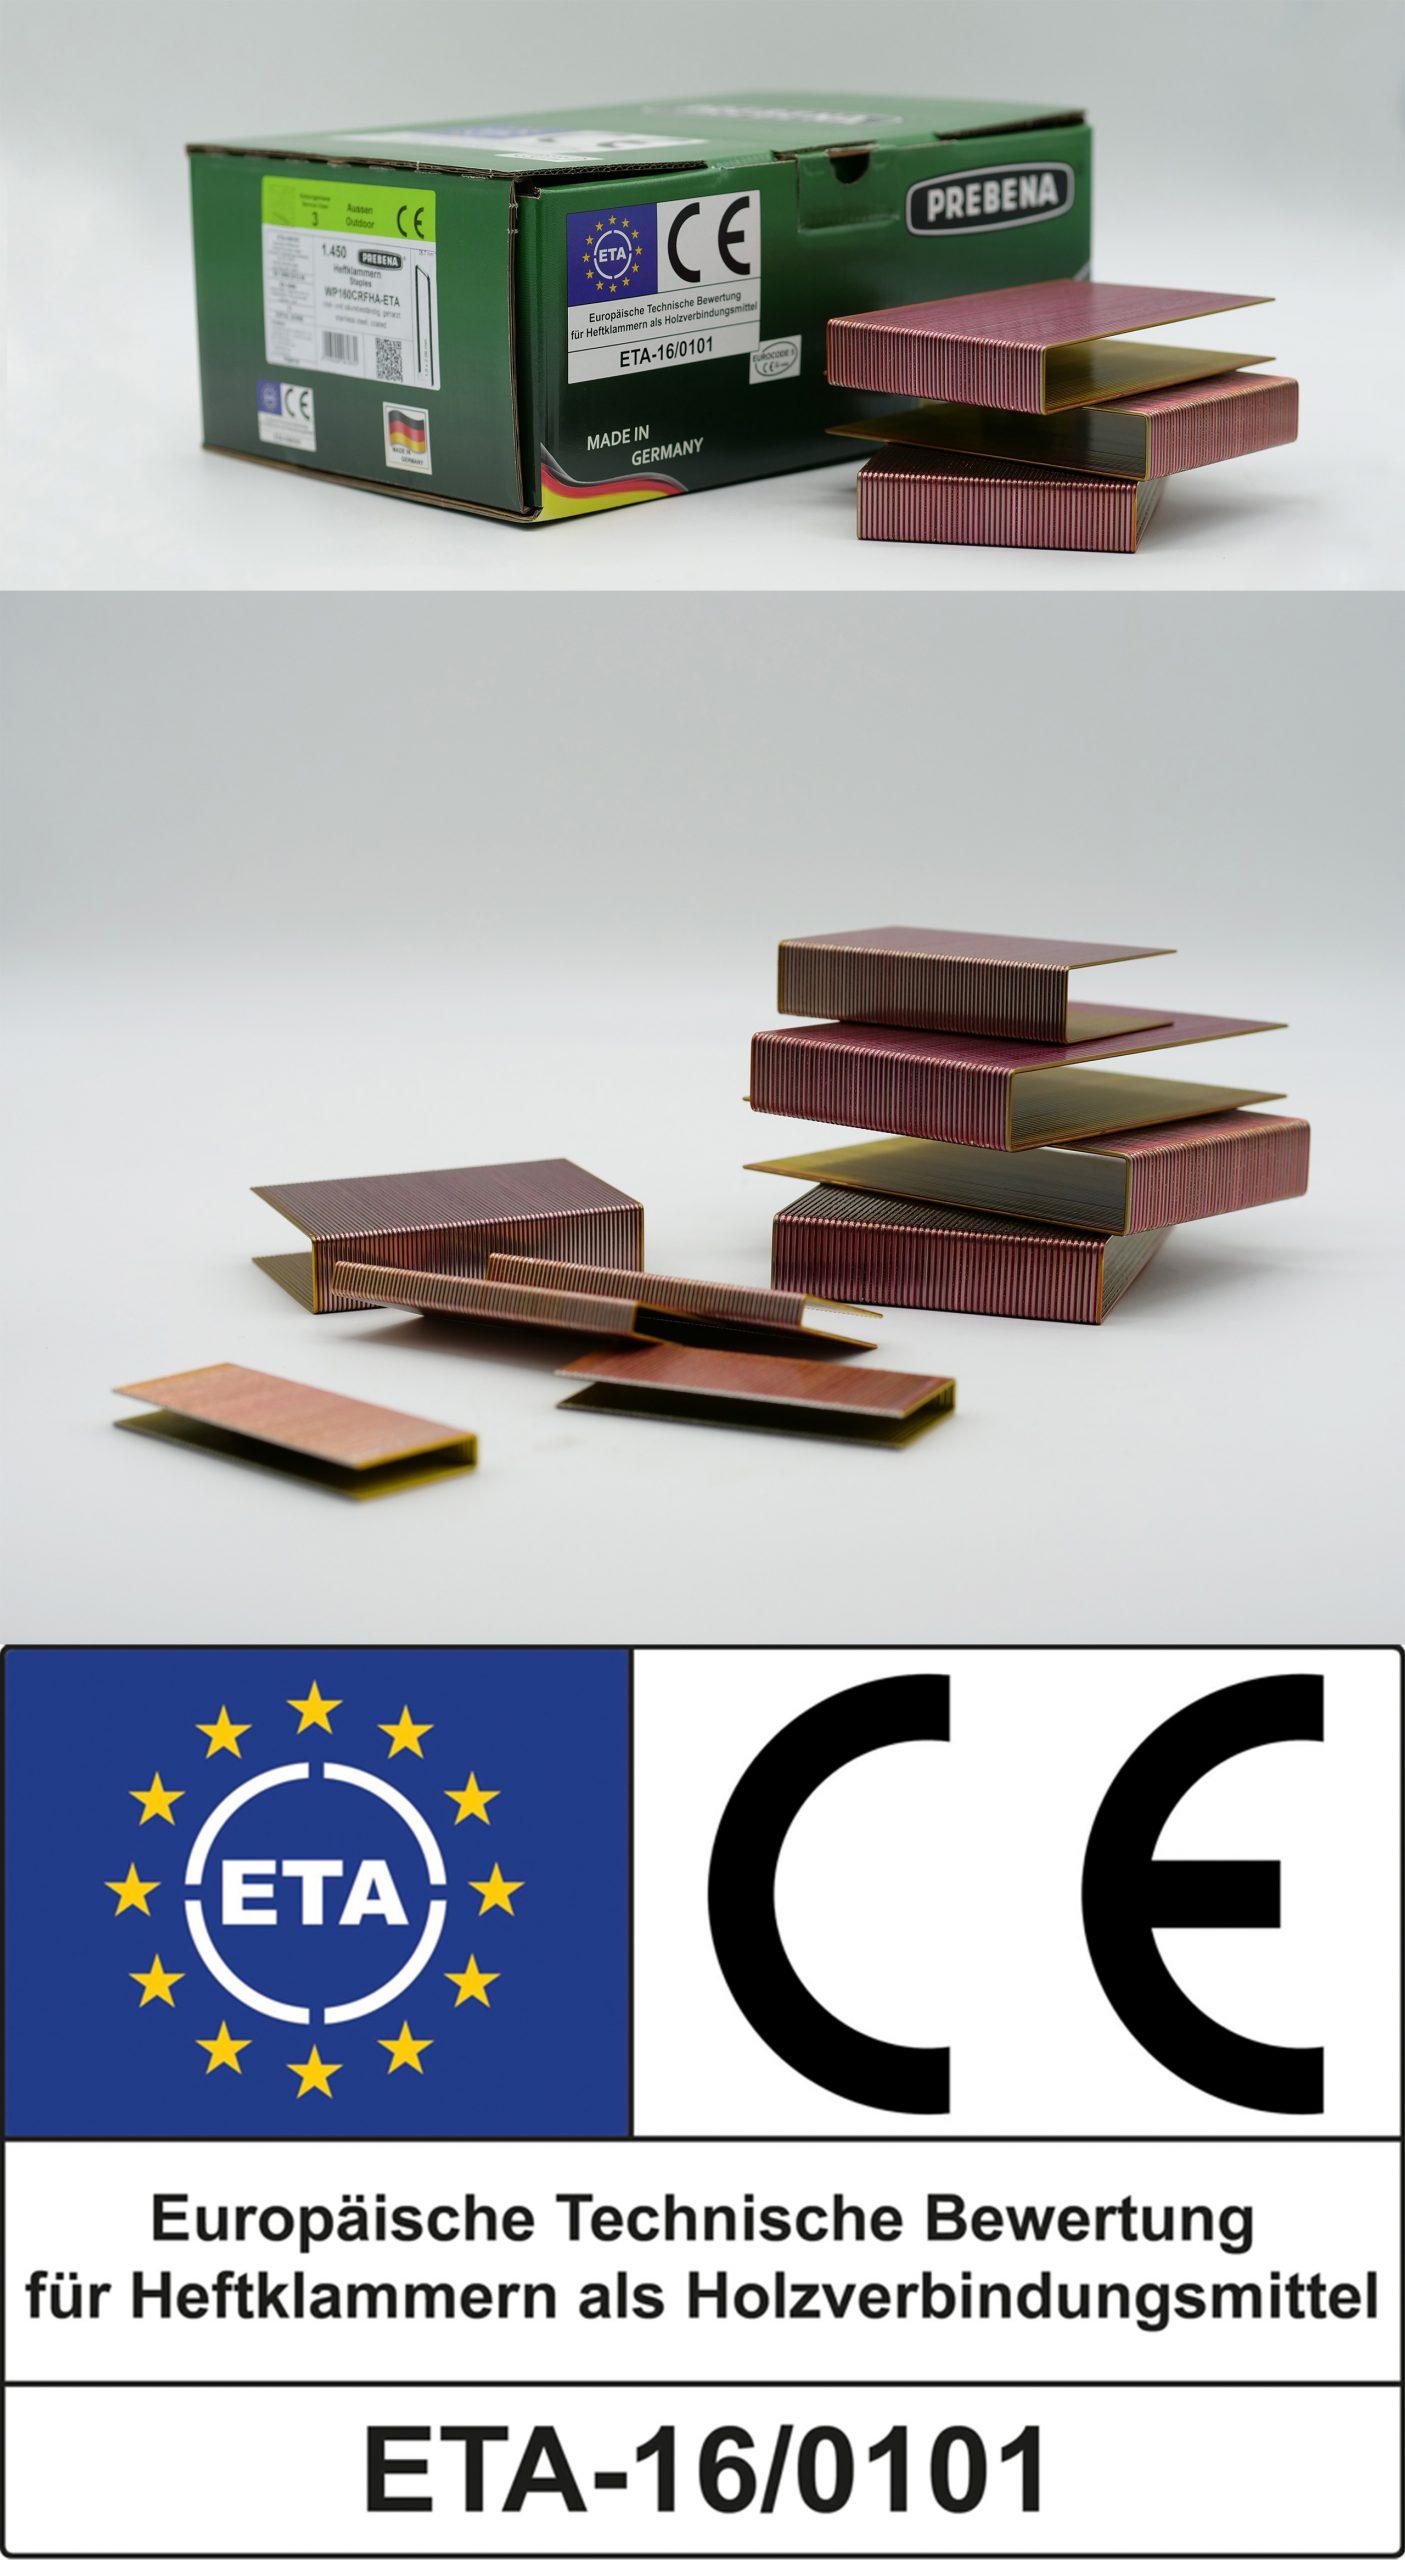 ETA Heftklammern als Holzverbindungsmittel